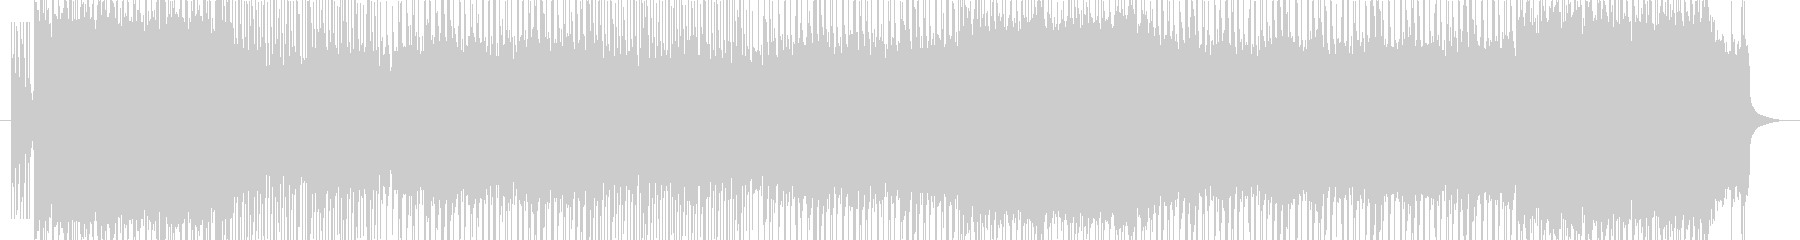 ポップパンク。同名楽曲のカラオケver。の未再生の波形